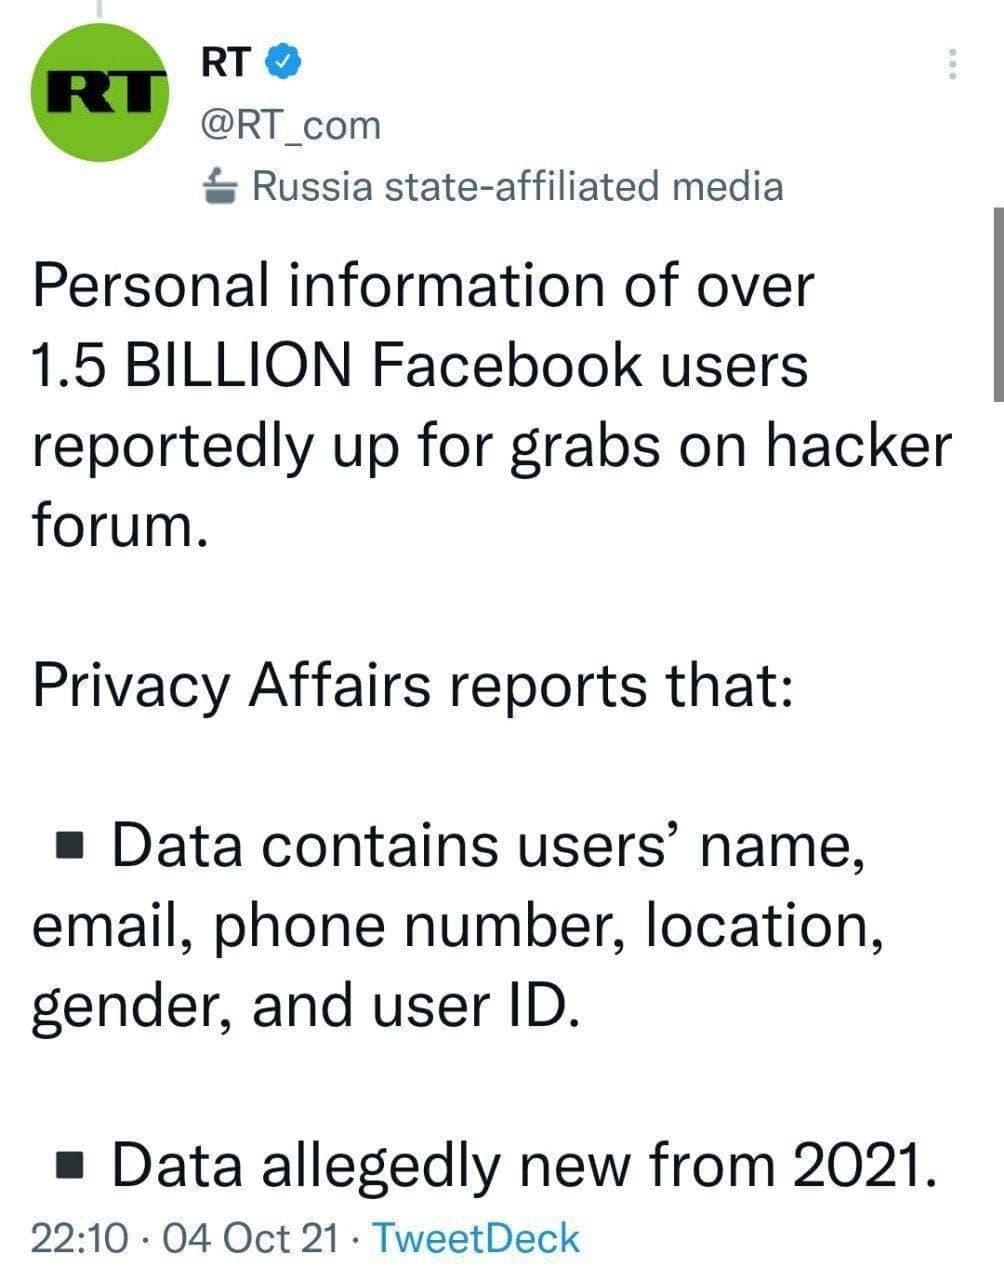 اطلاعات یک ونیم بیلیون کاربر فیس بوک توسط هکرها به فروش گذاشته شده است